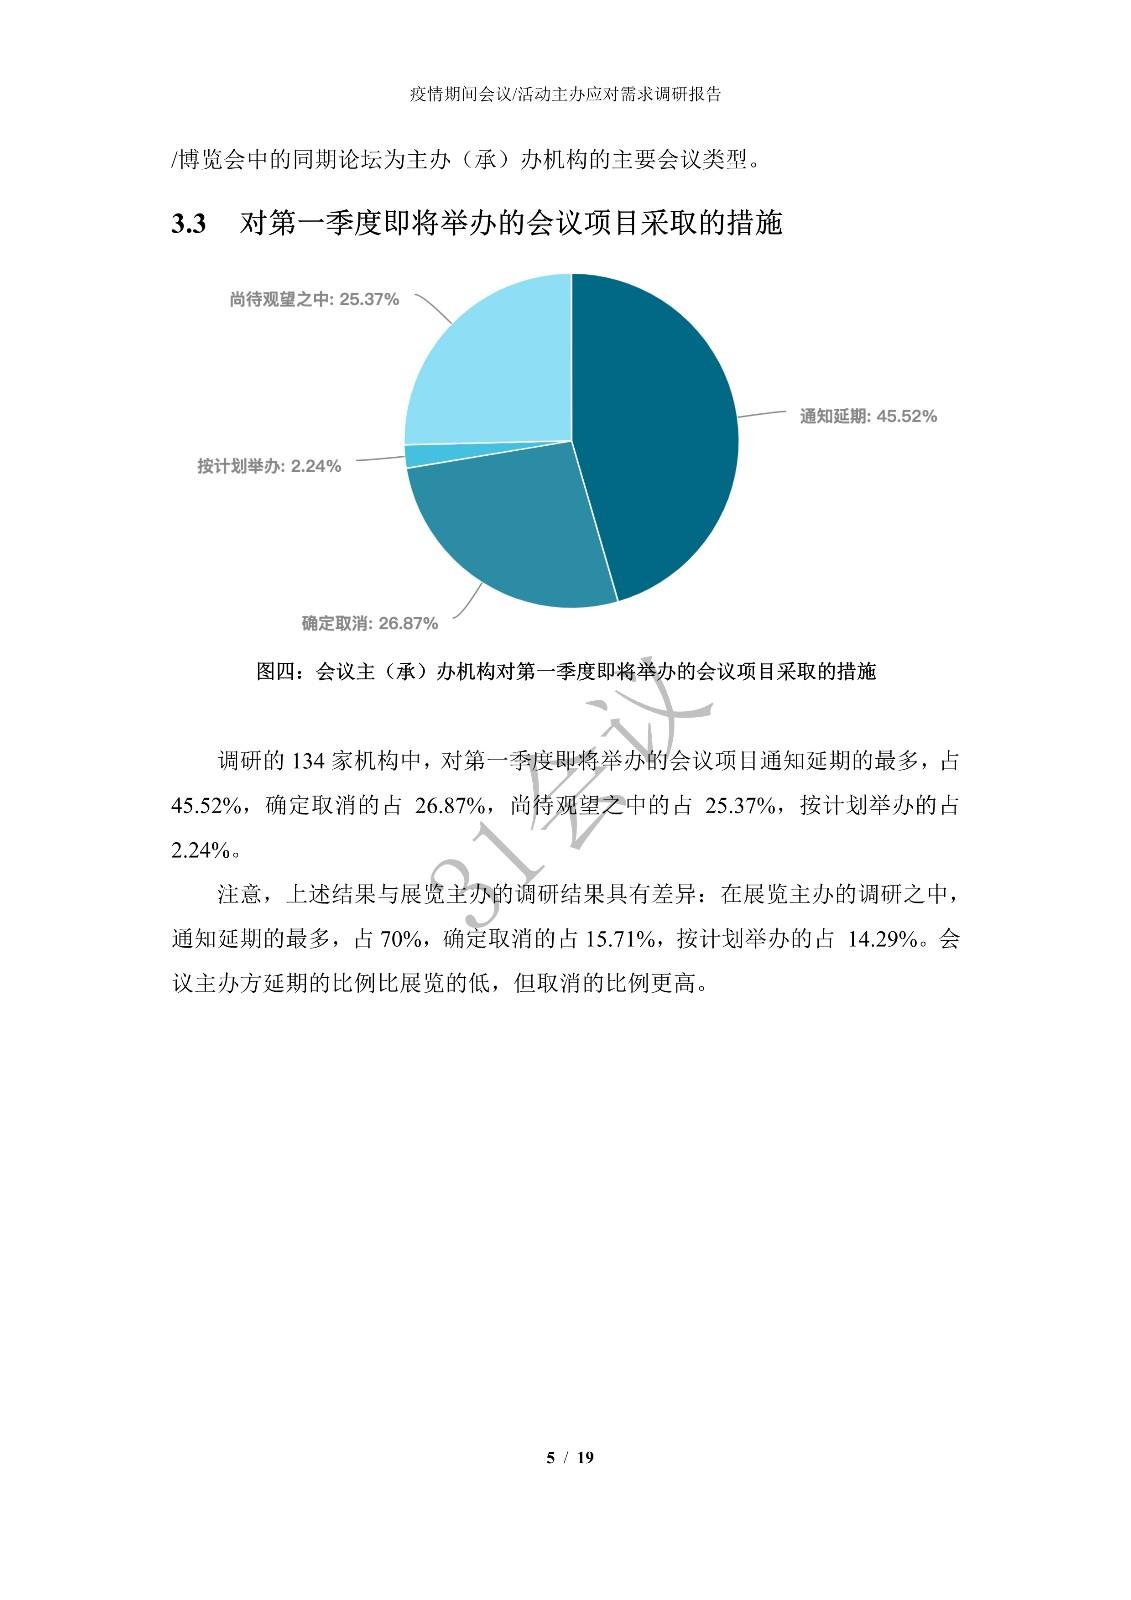 新型冠状病毒肺炎疫情期间 会议活动主办应对需求调研报告_4.jpg